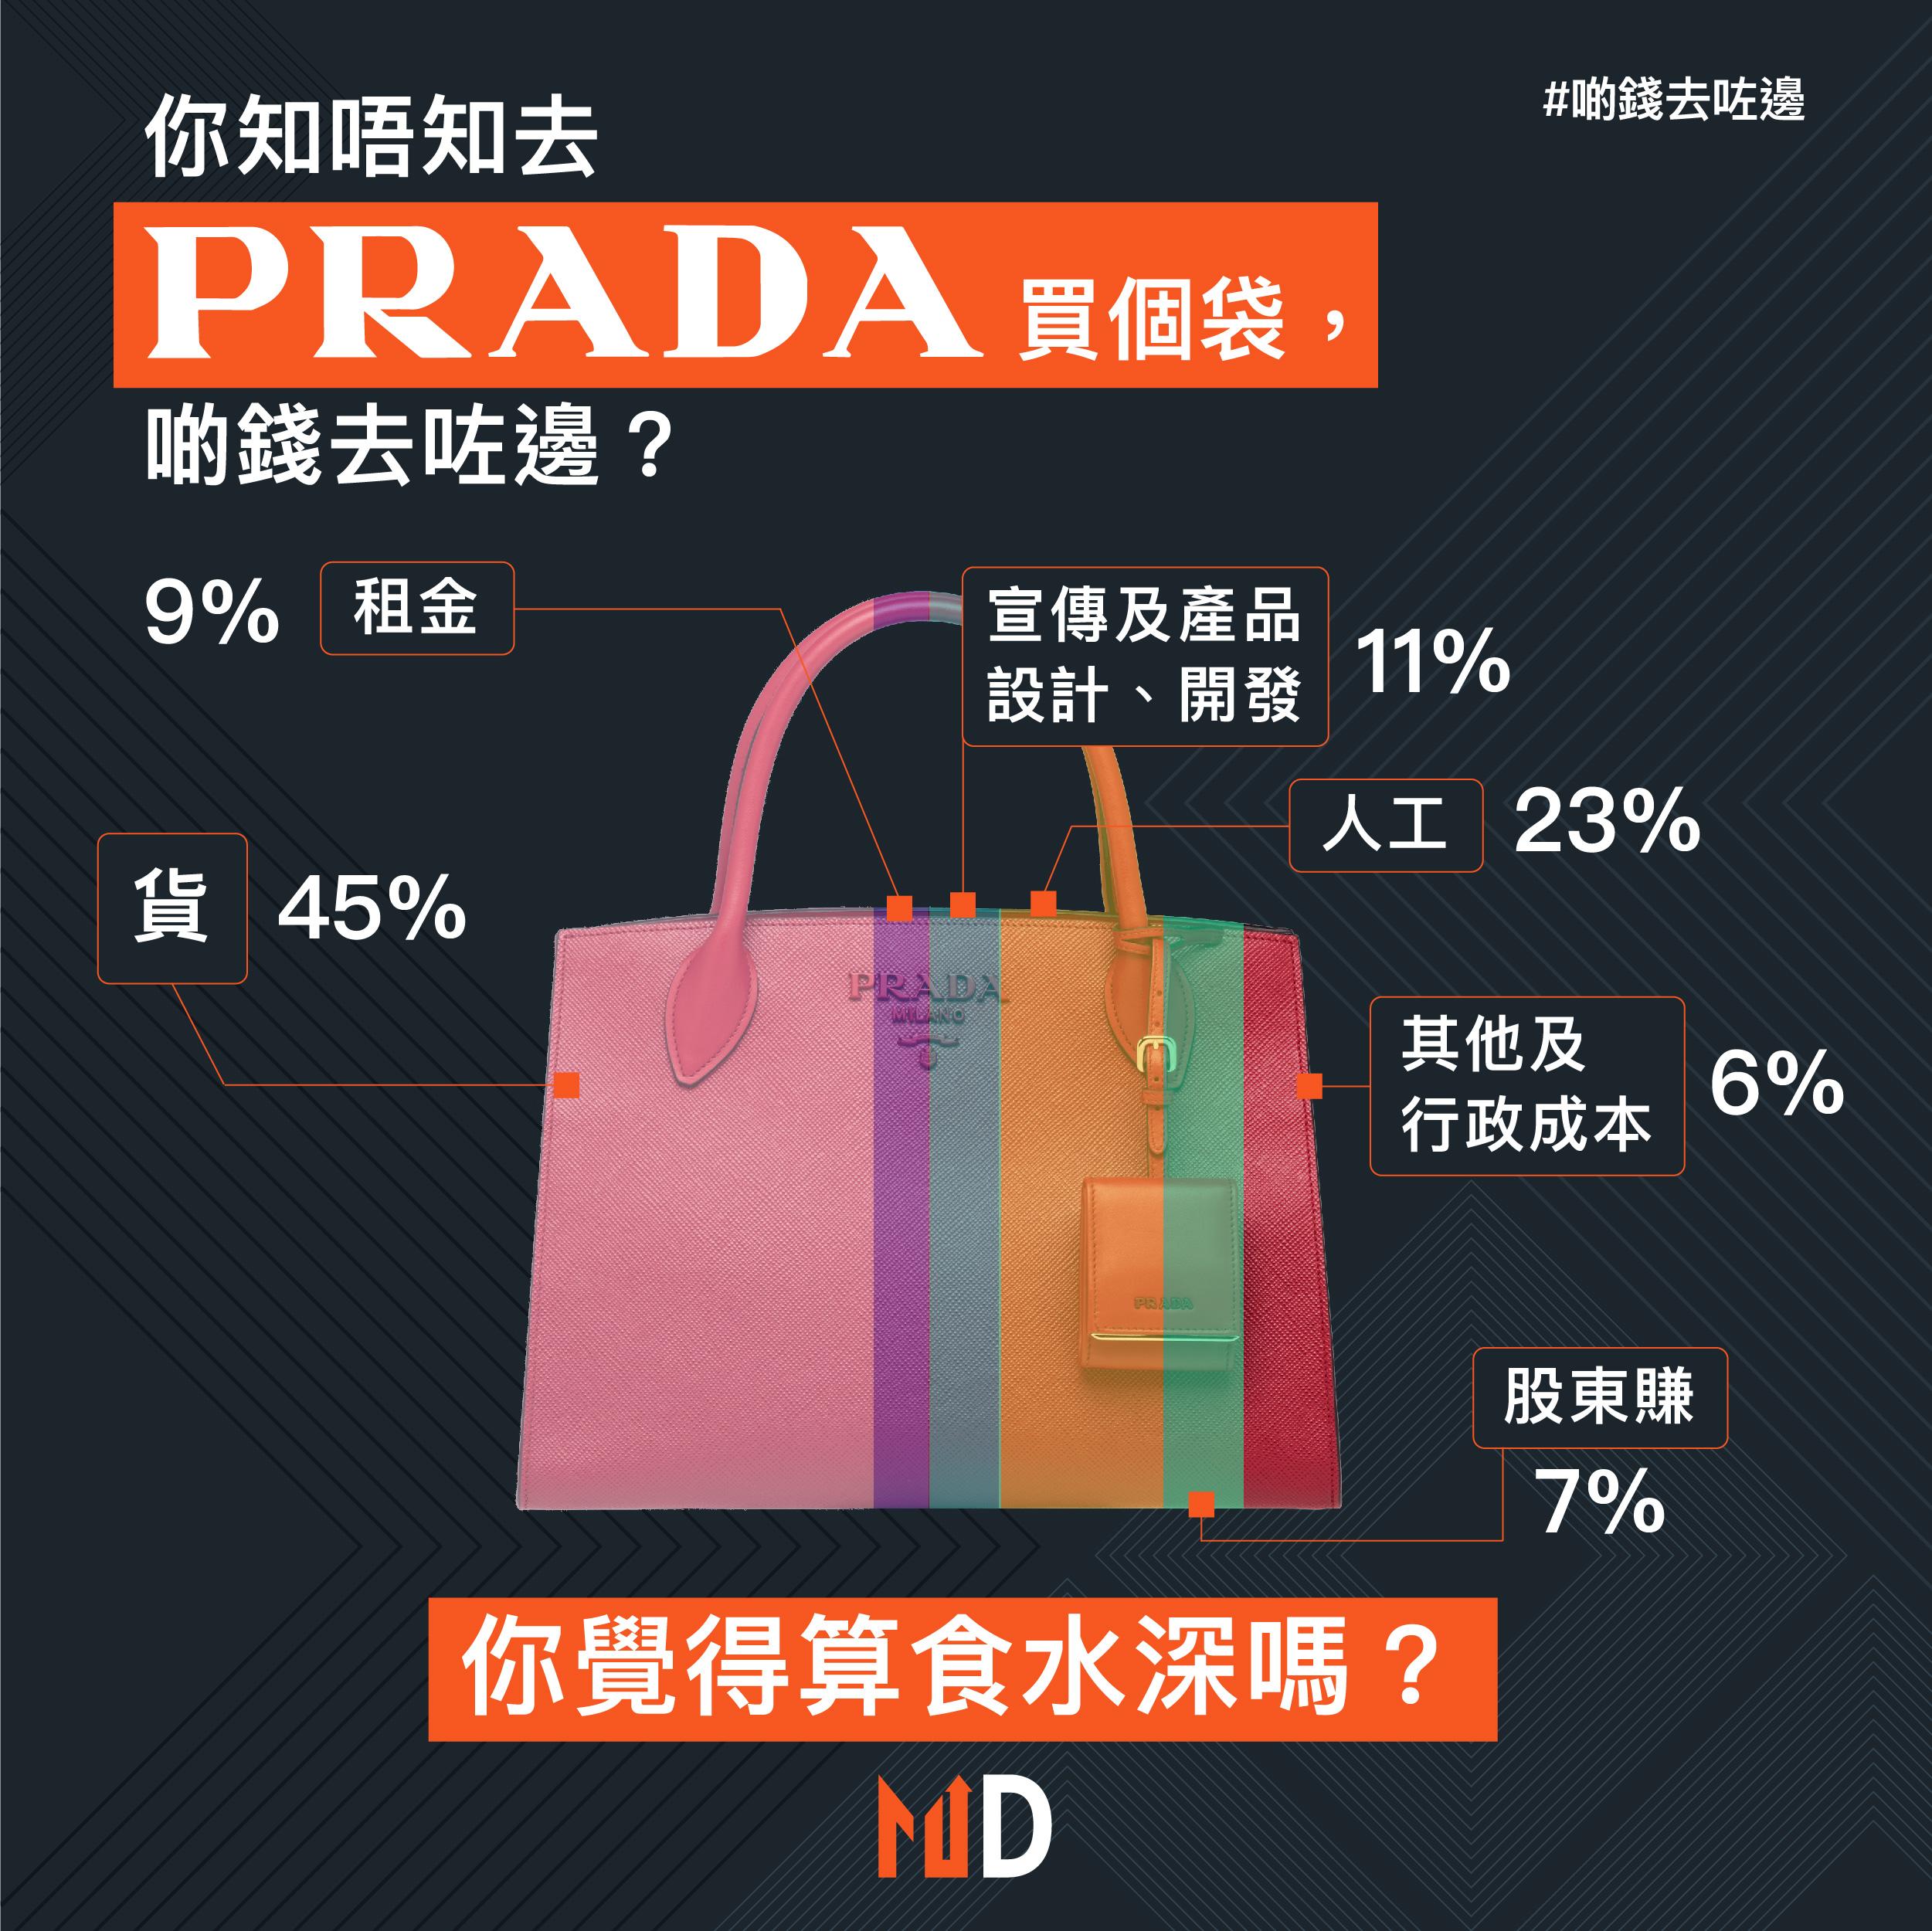 【啲錢去咗邊】你知唔知去Prada買個袋,啲錢去咗邊?